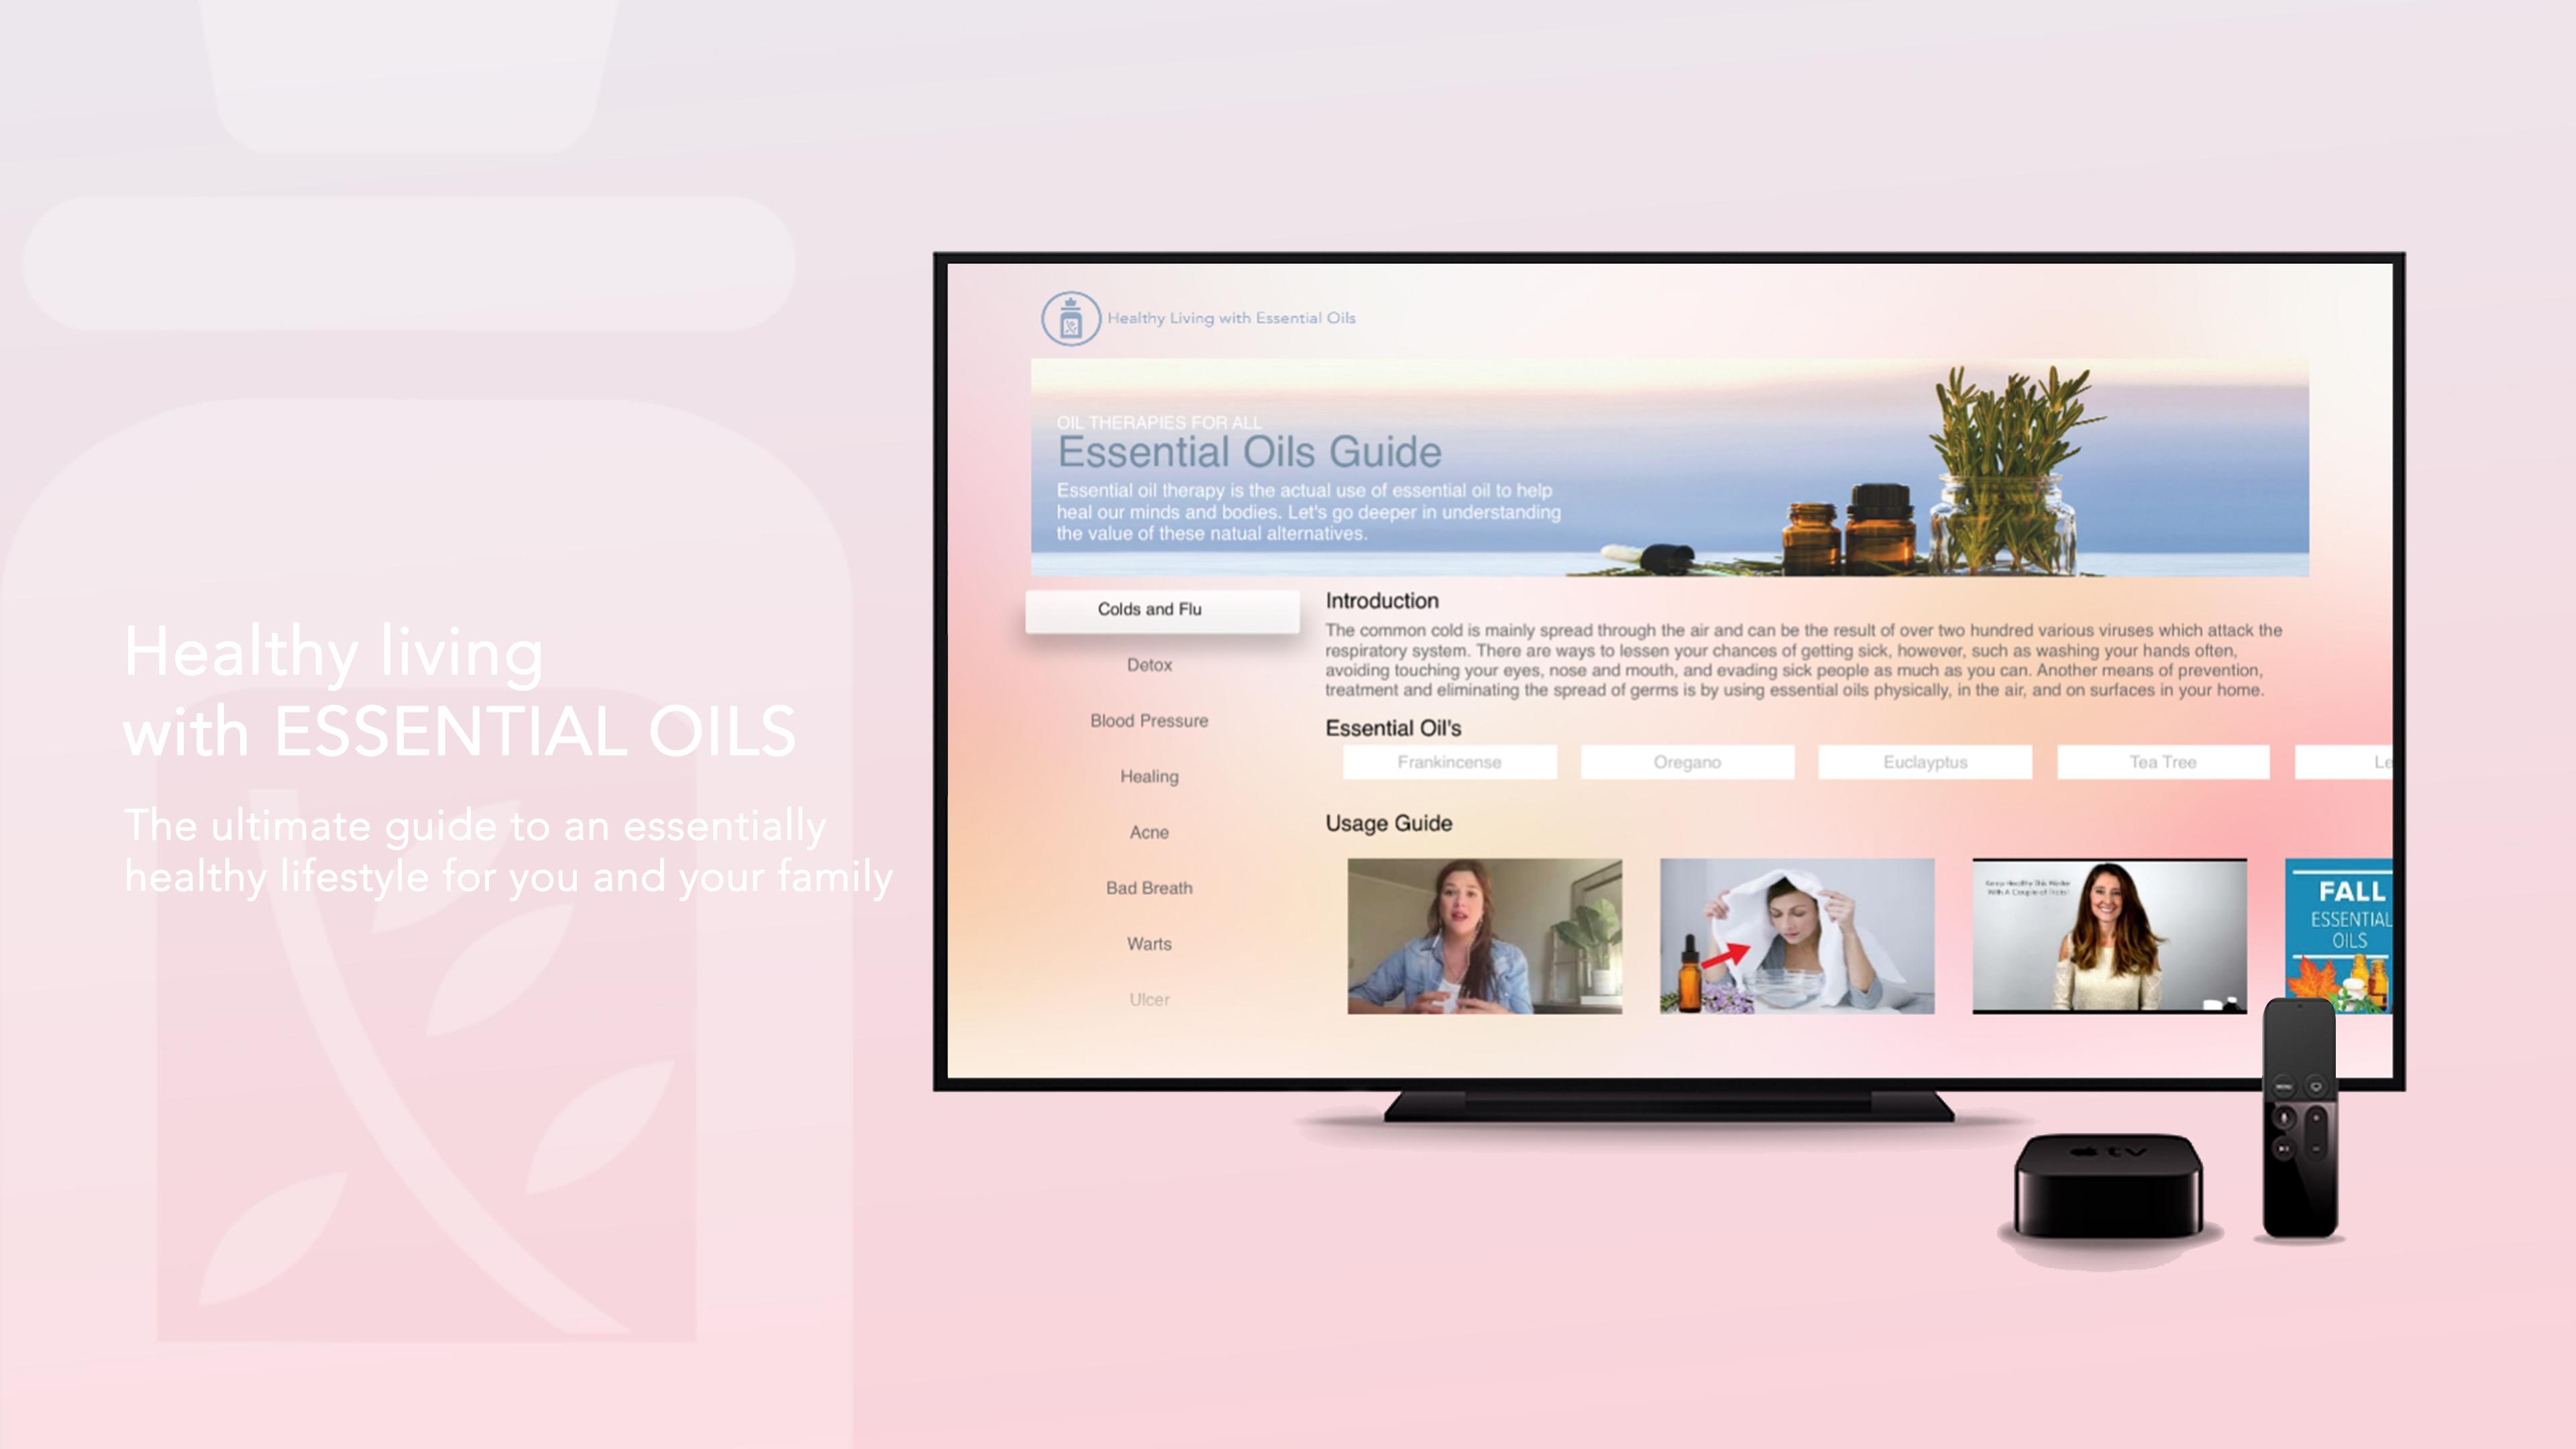 Essential Oils TV guide screenshot 1